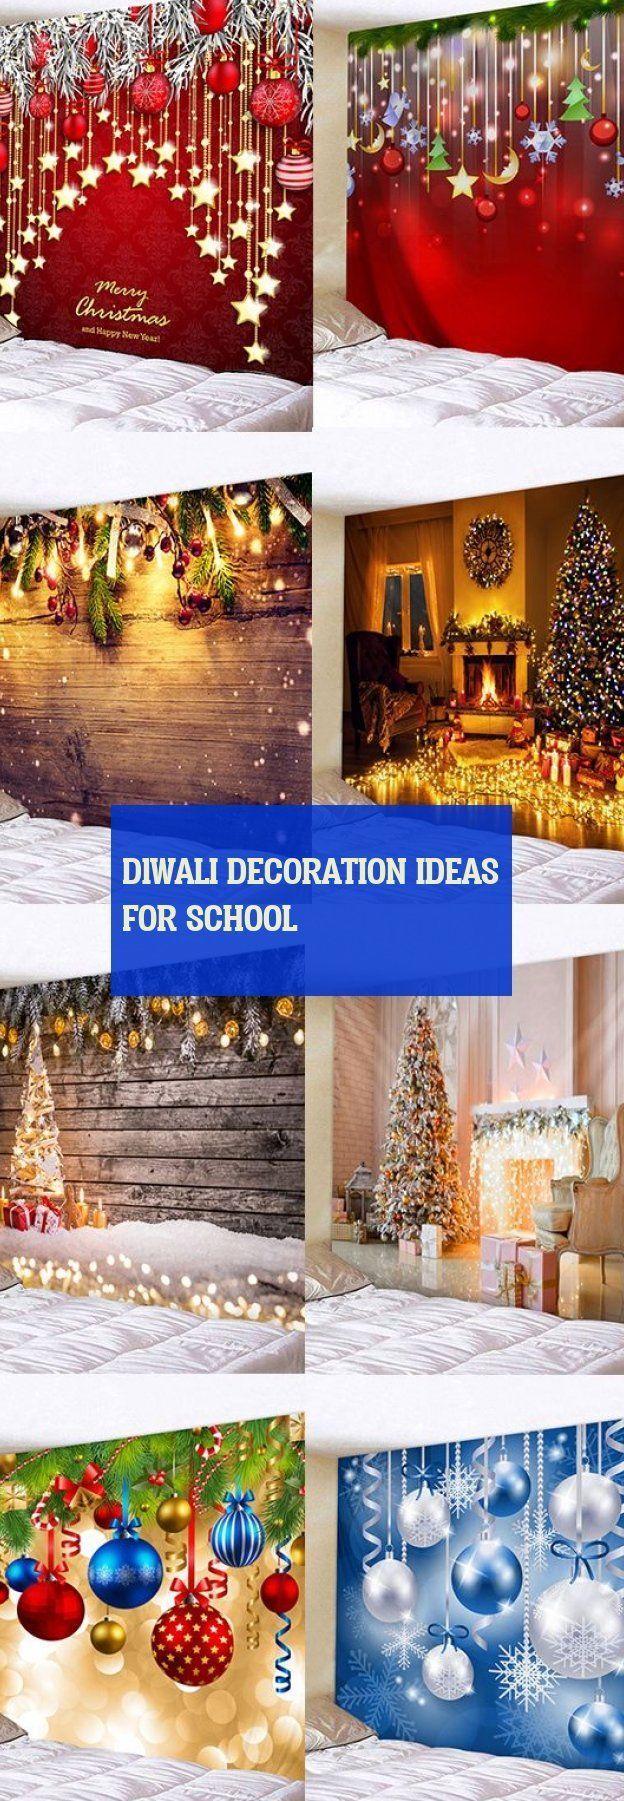 Diwali decoration ideas for the school! 13:43 – #decoration #diwali #ideas #school -…